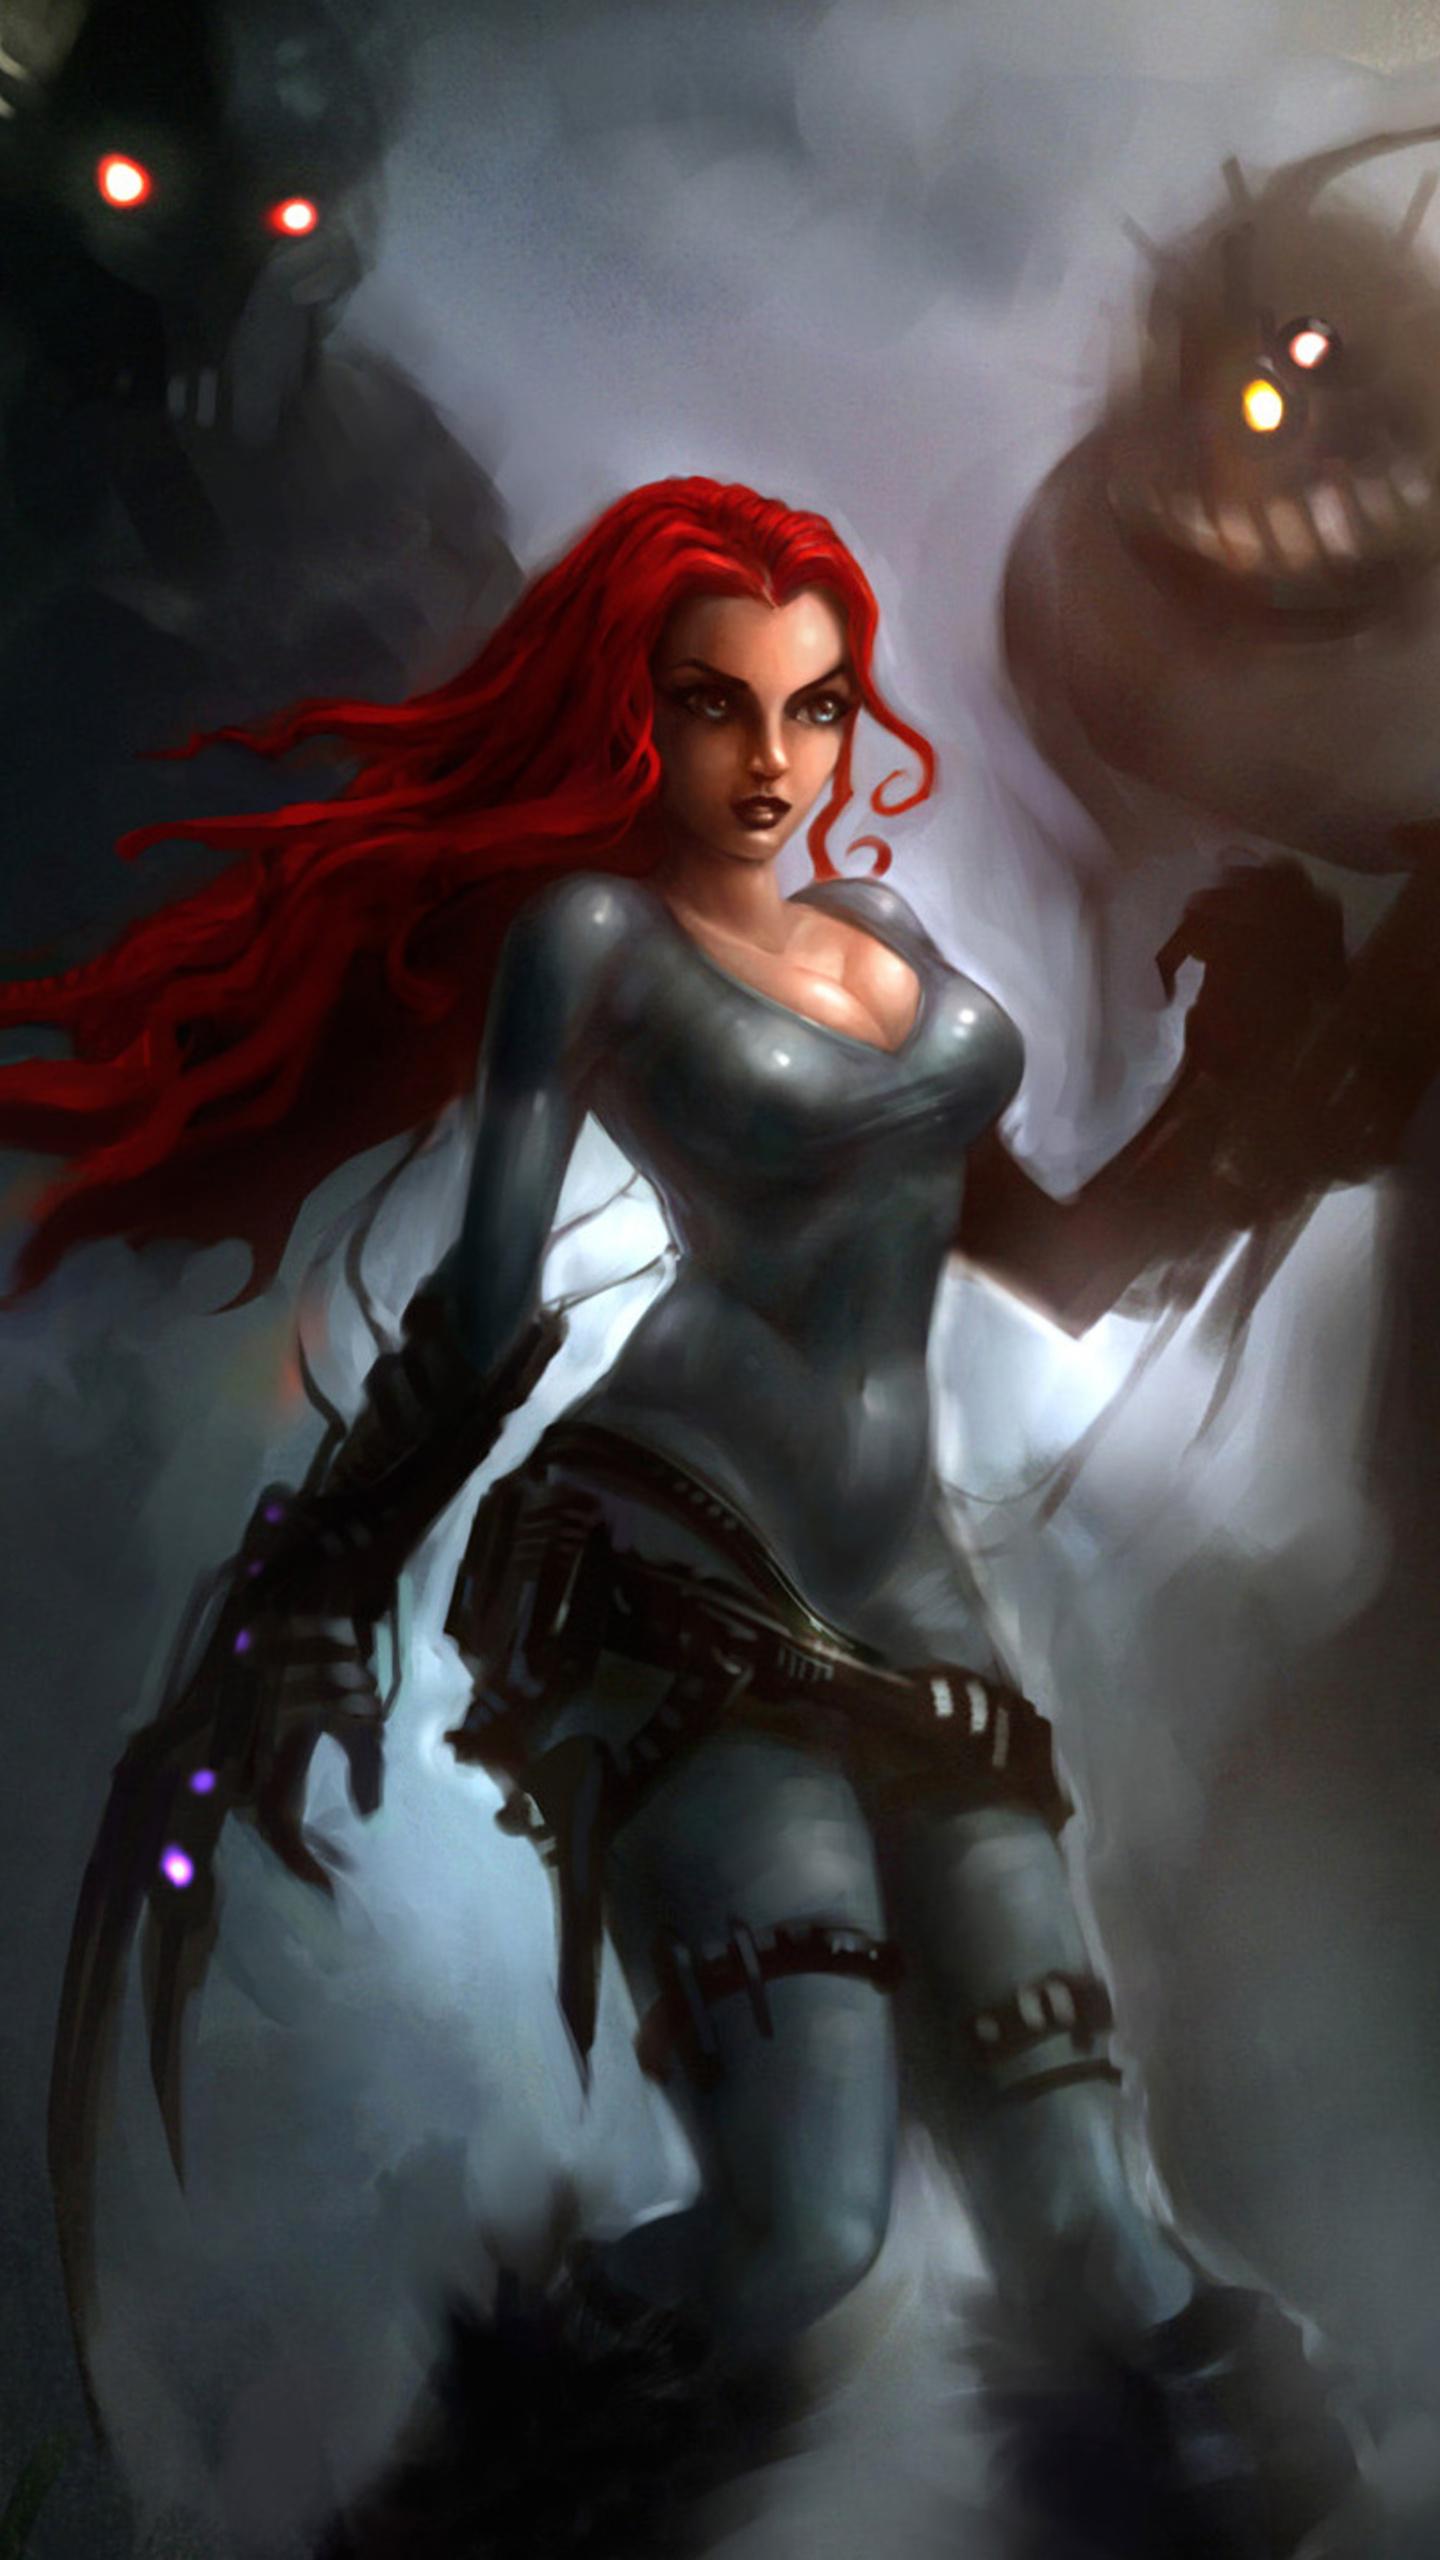 women-warrior-long-hair-fantasy-girl-9d.jpg